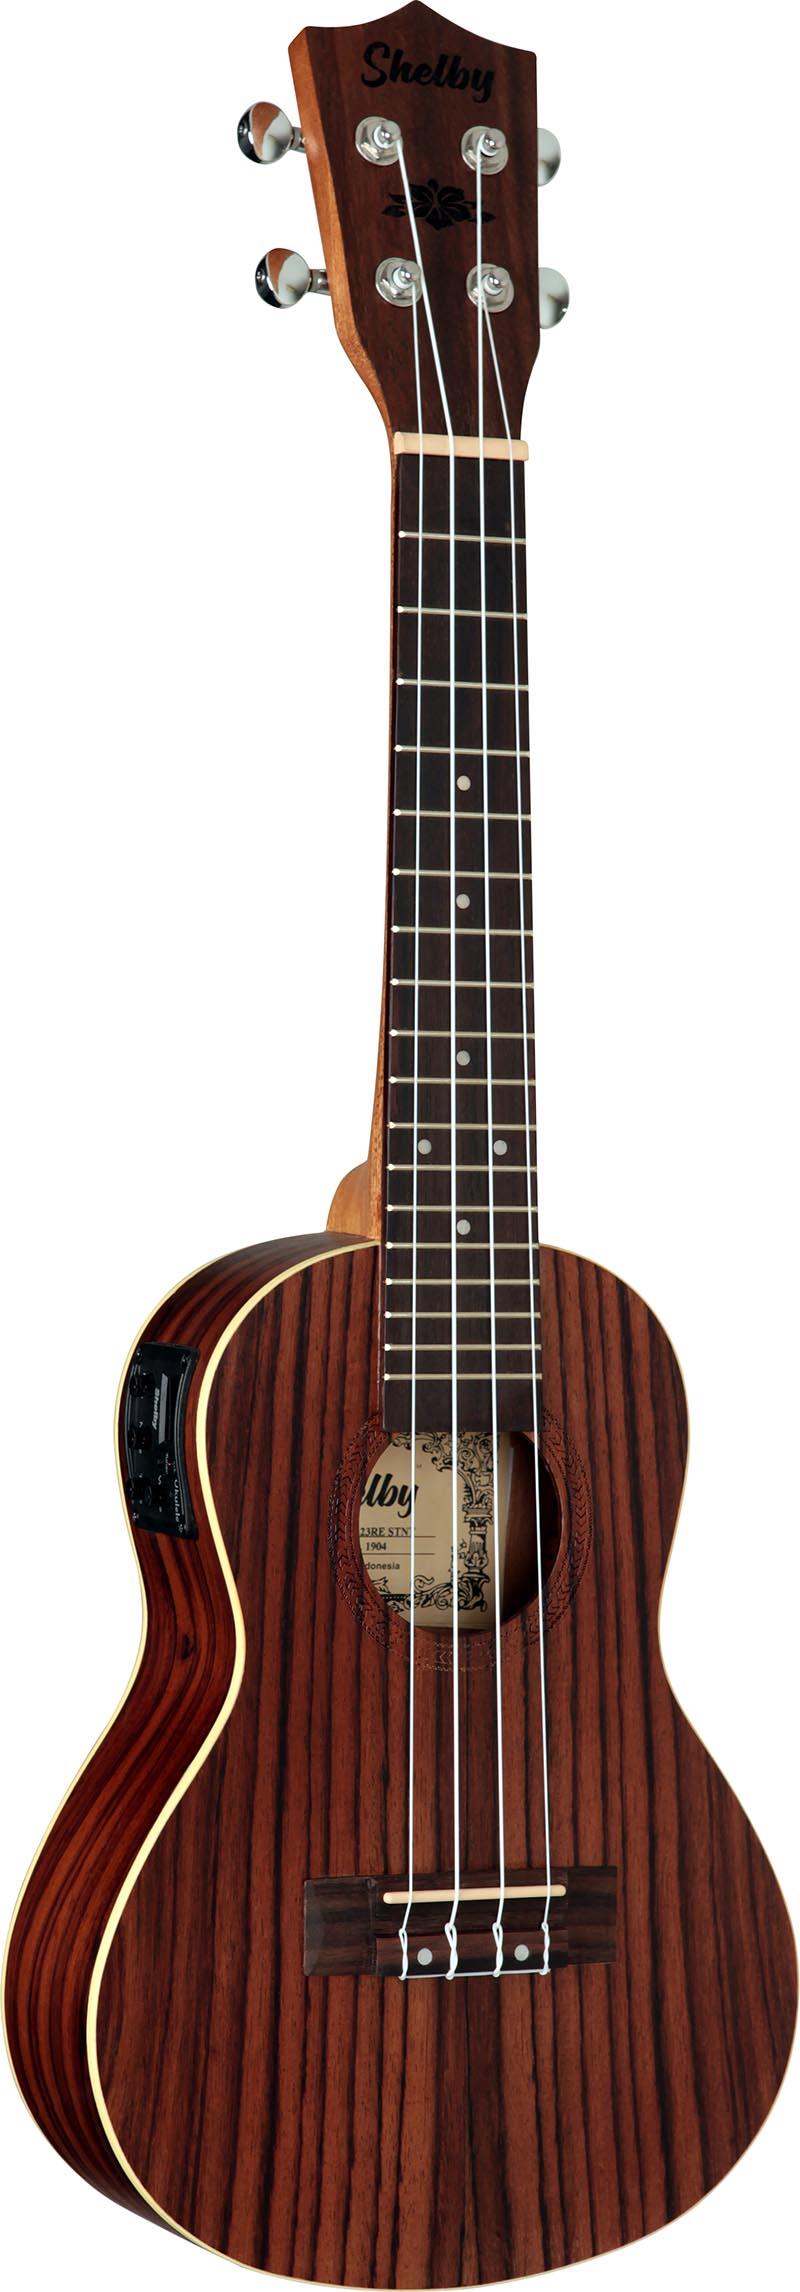 su23re ukulele concerto eletroacustico shelby su23re stnt jacaranda acetinado visao frontal vertical